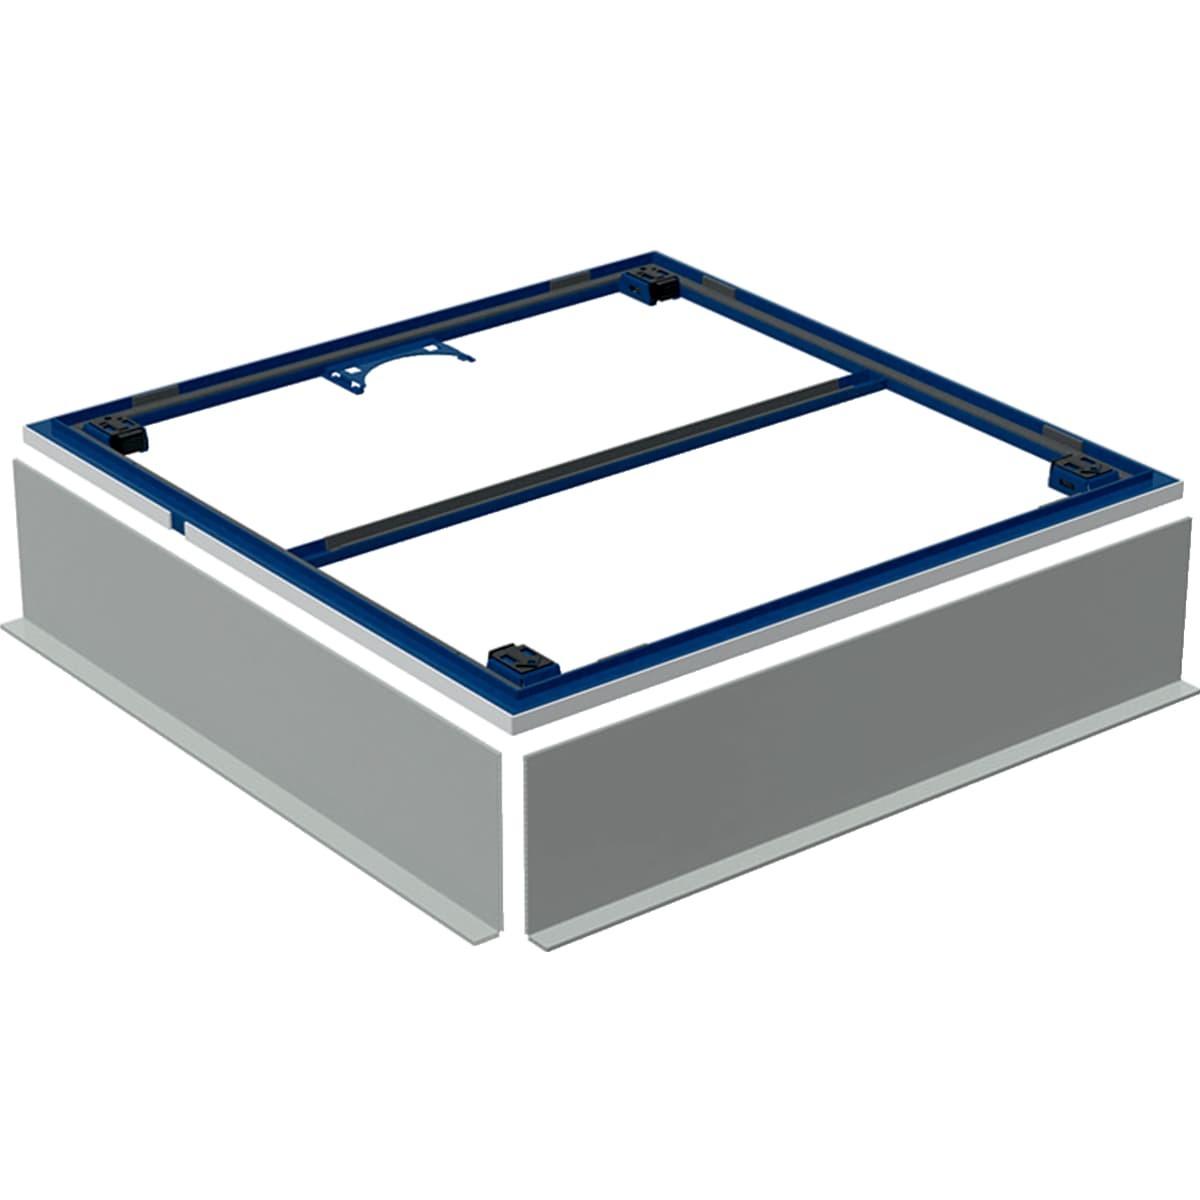 Instalační rám Geberit Setaplano pro sprchovou vaničku 154.480.00.1